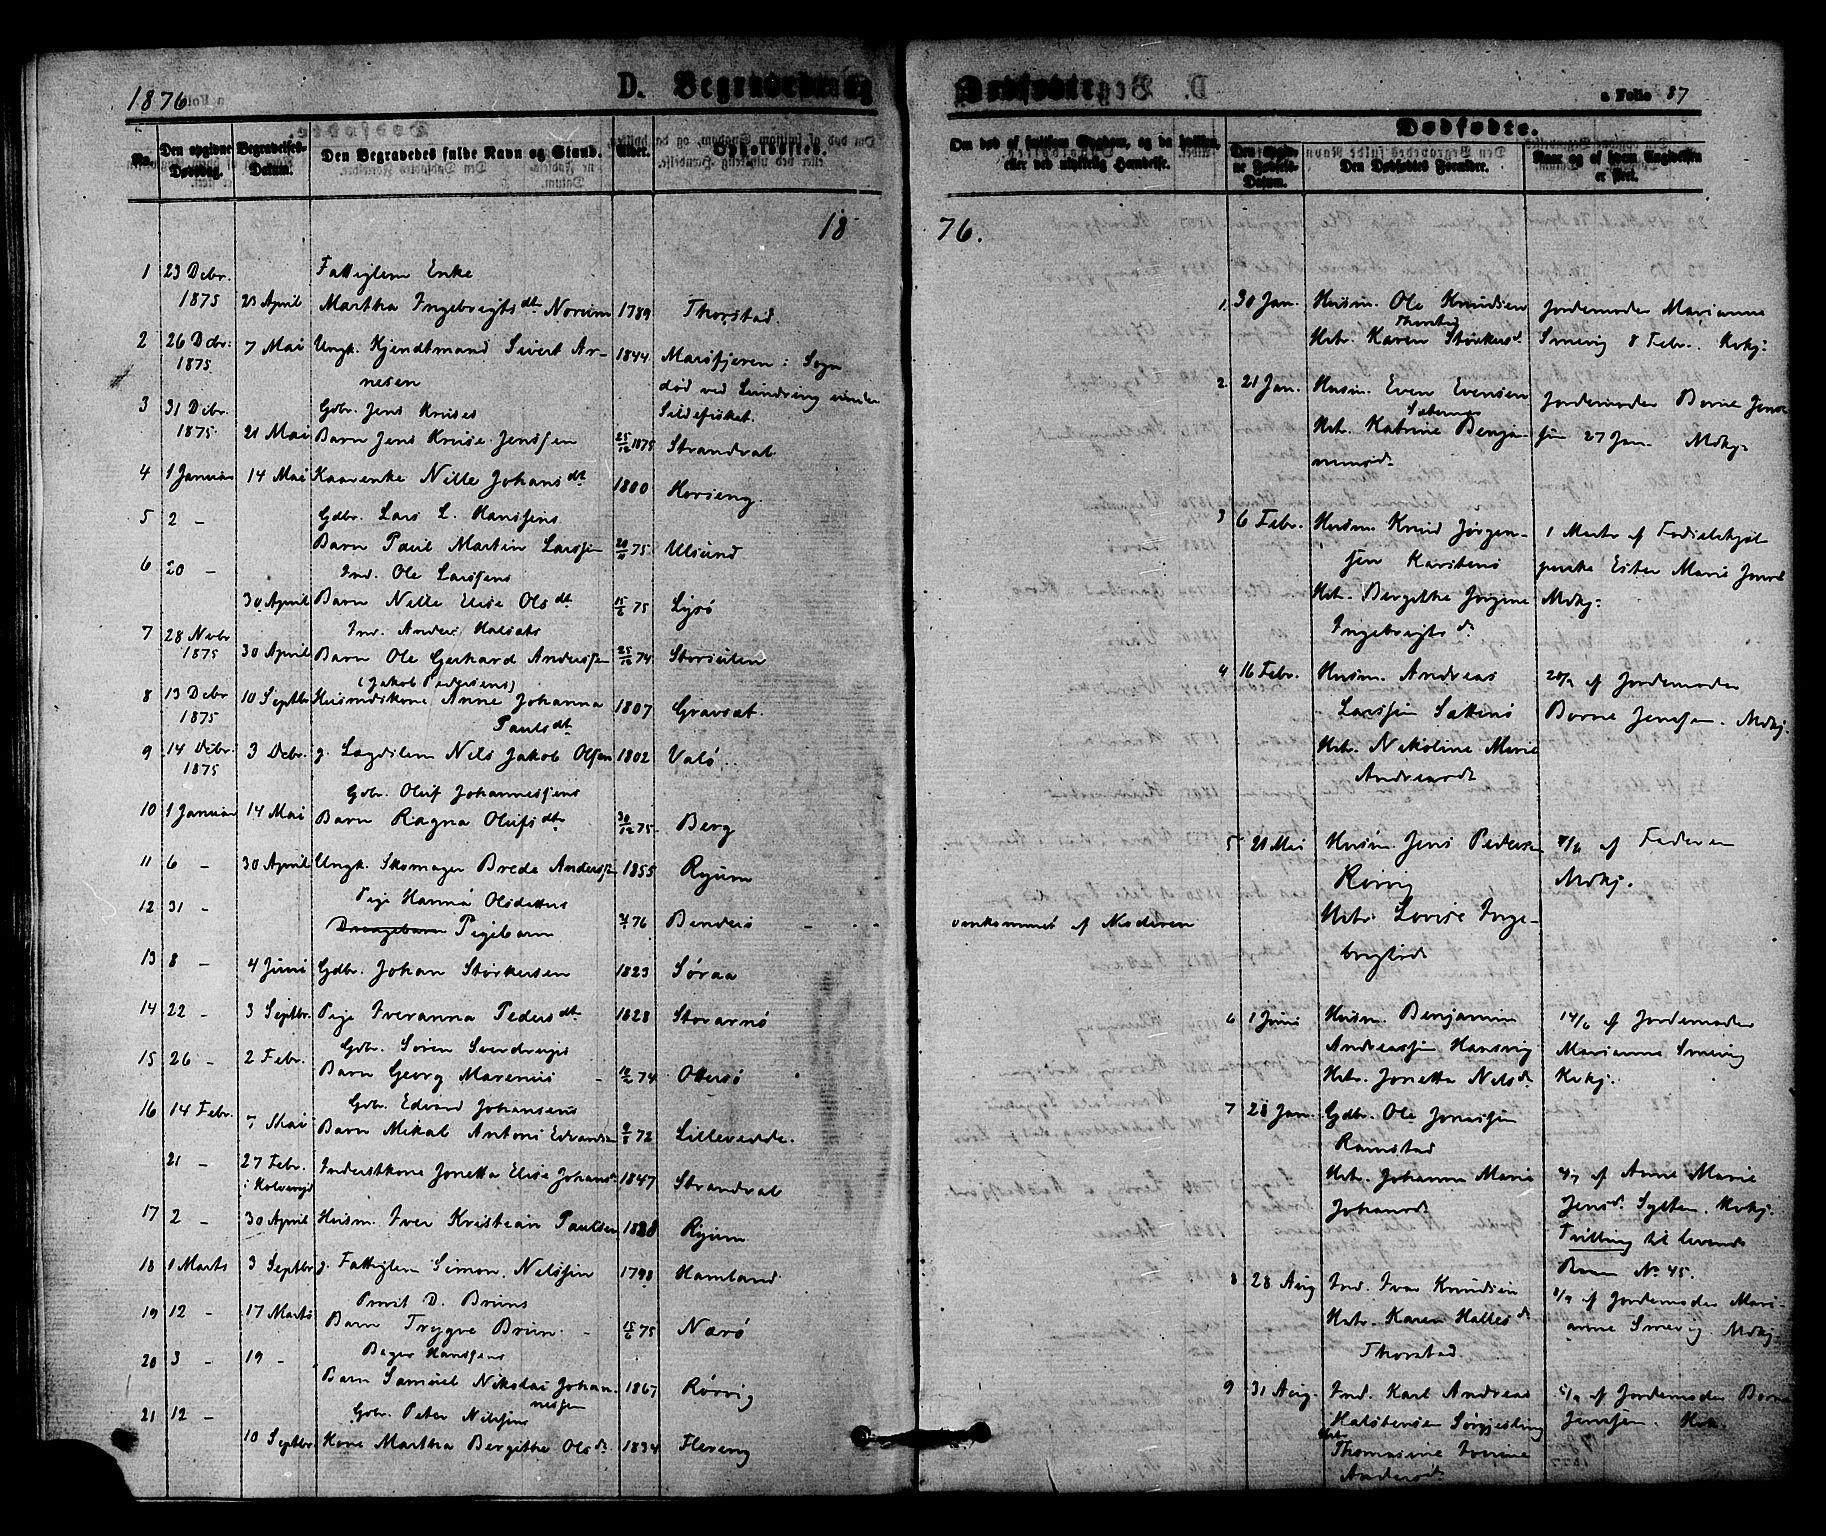 SAT, Ministerialprotokoller, klokkerbøker og fødselsregistre - Nord-Trøndelag, 784/L0671: Ministerialbok nr. 784A06, 1876-1879, s. 87